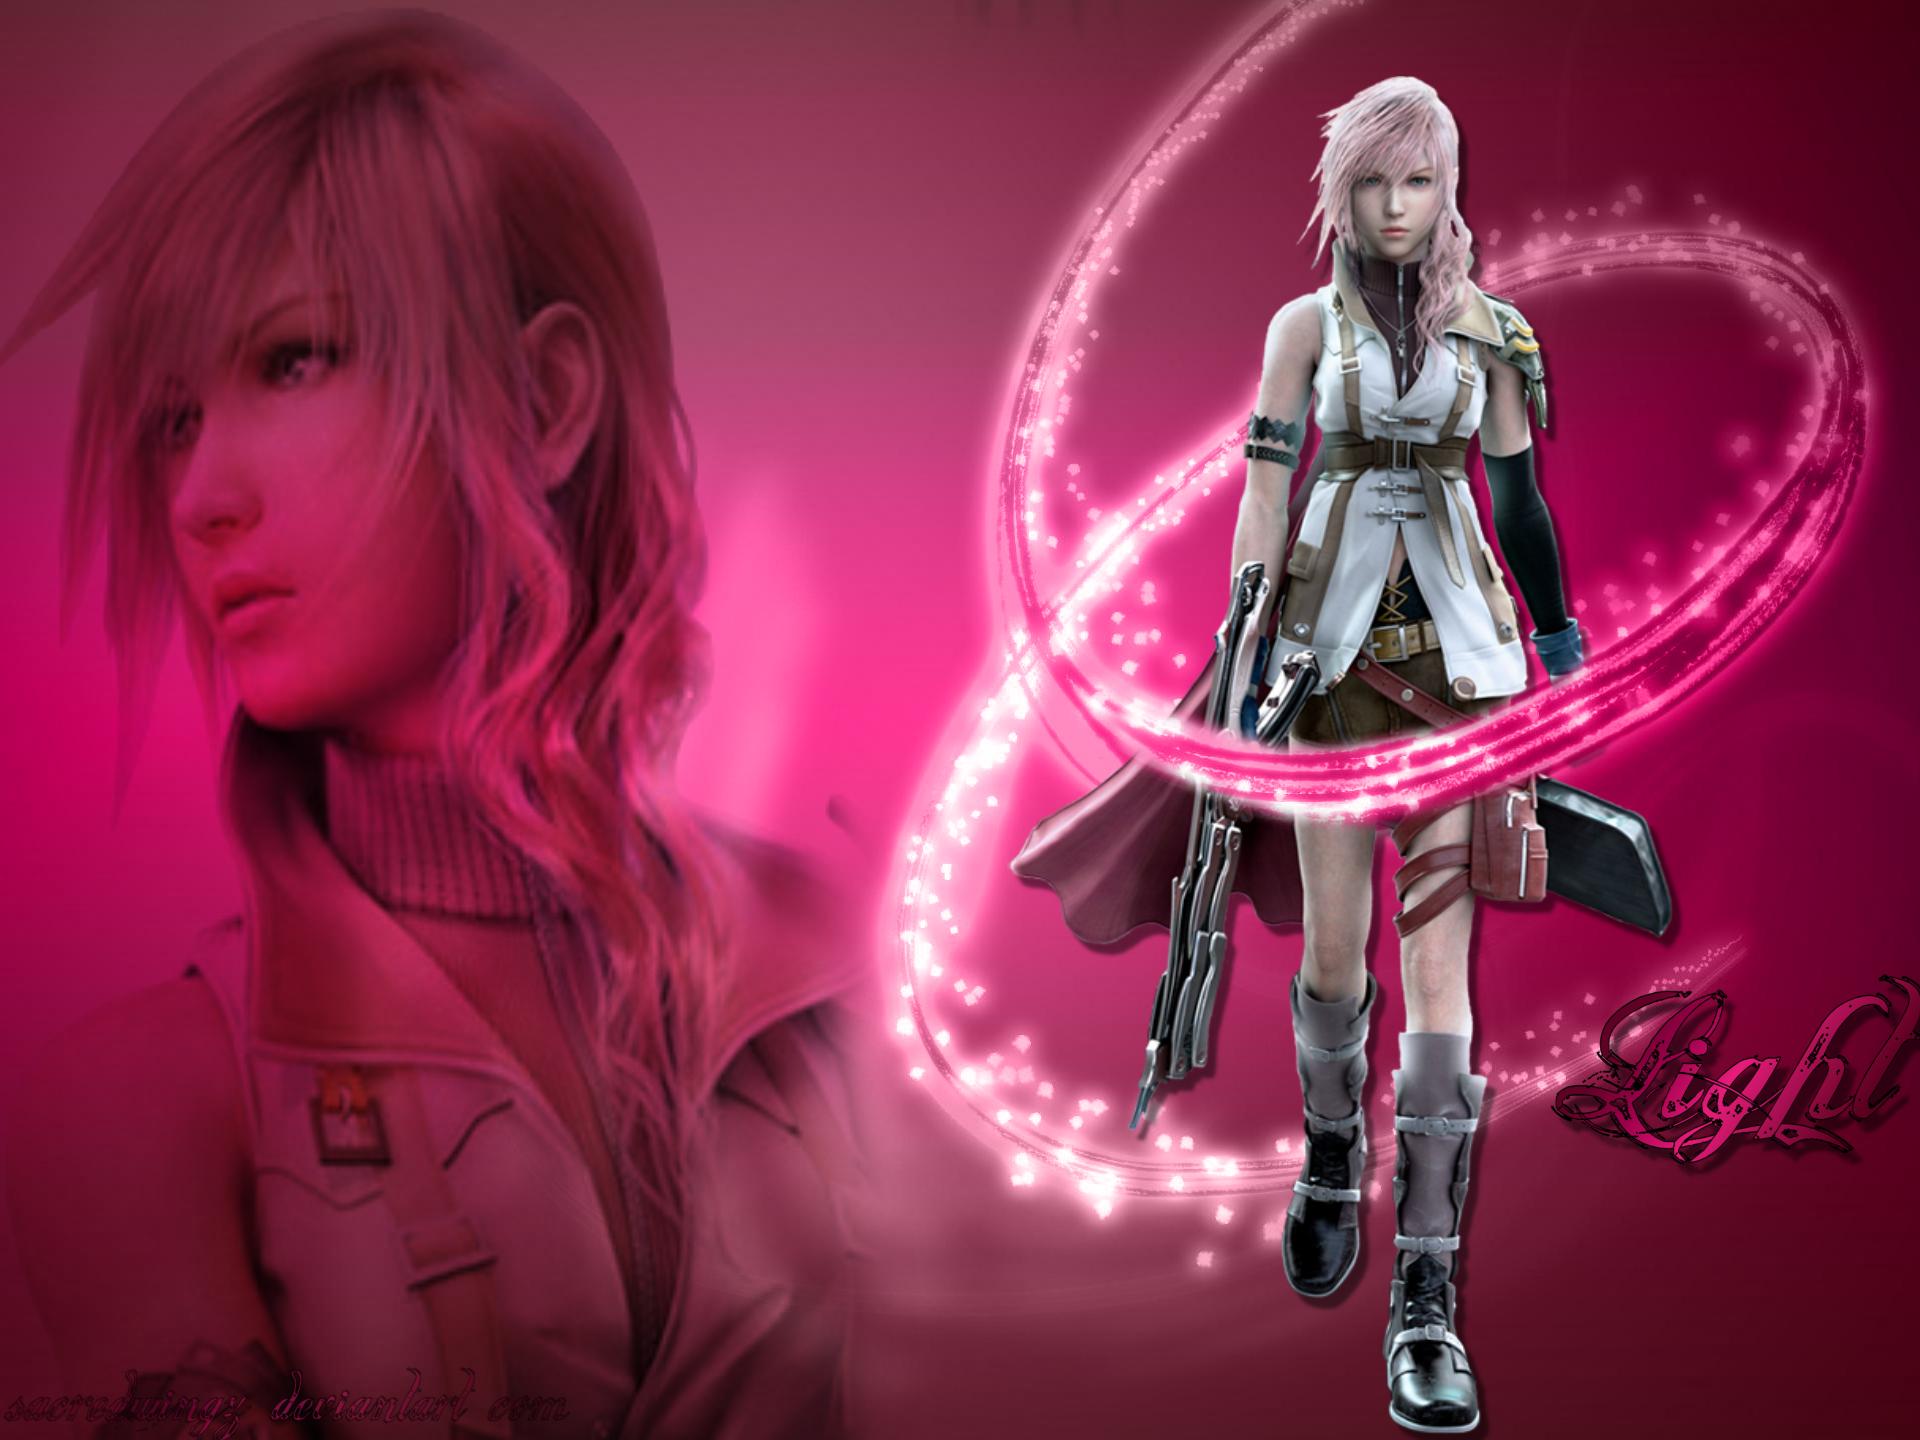 Lighting Backgrounds Final Fantasy 13 2 Lighting Wallpaper